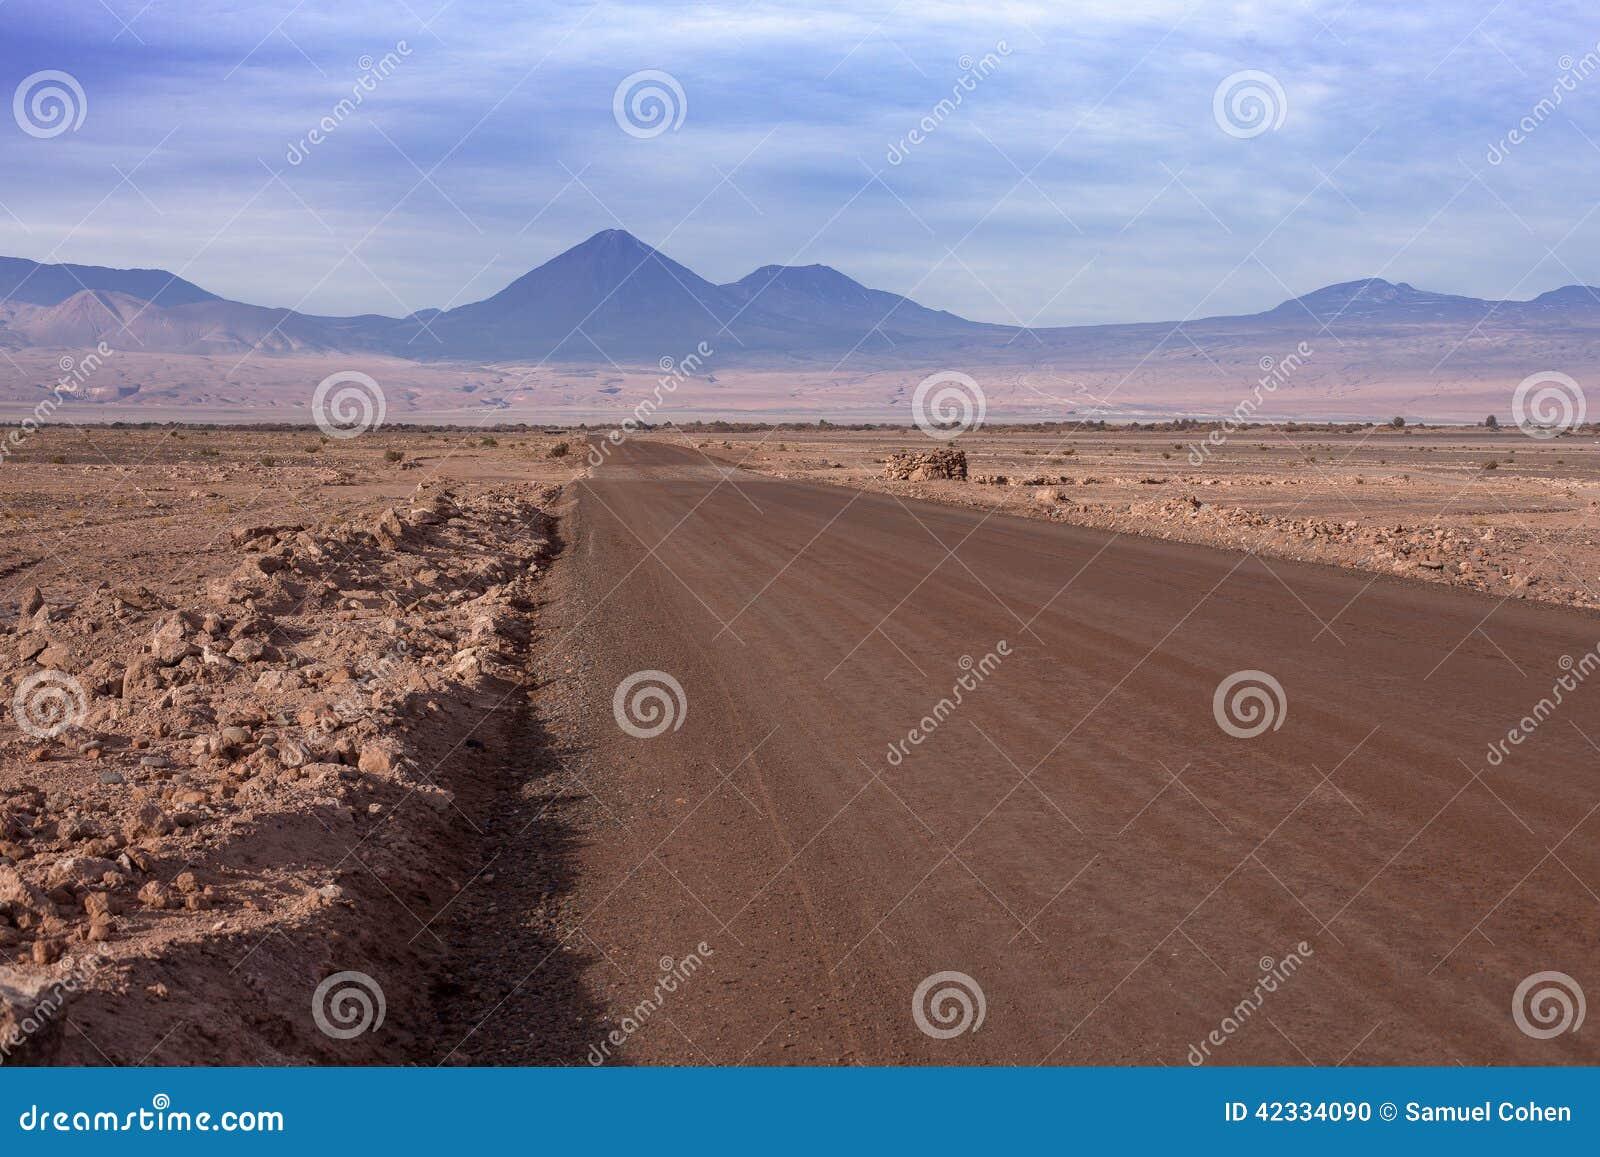 A dirt road leads to the Volcano Licancabur in San Pedro de Atacama